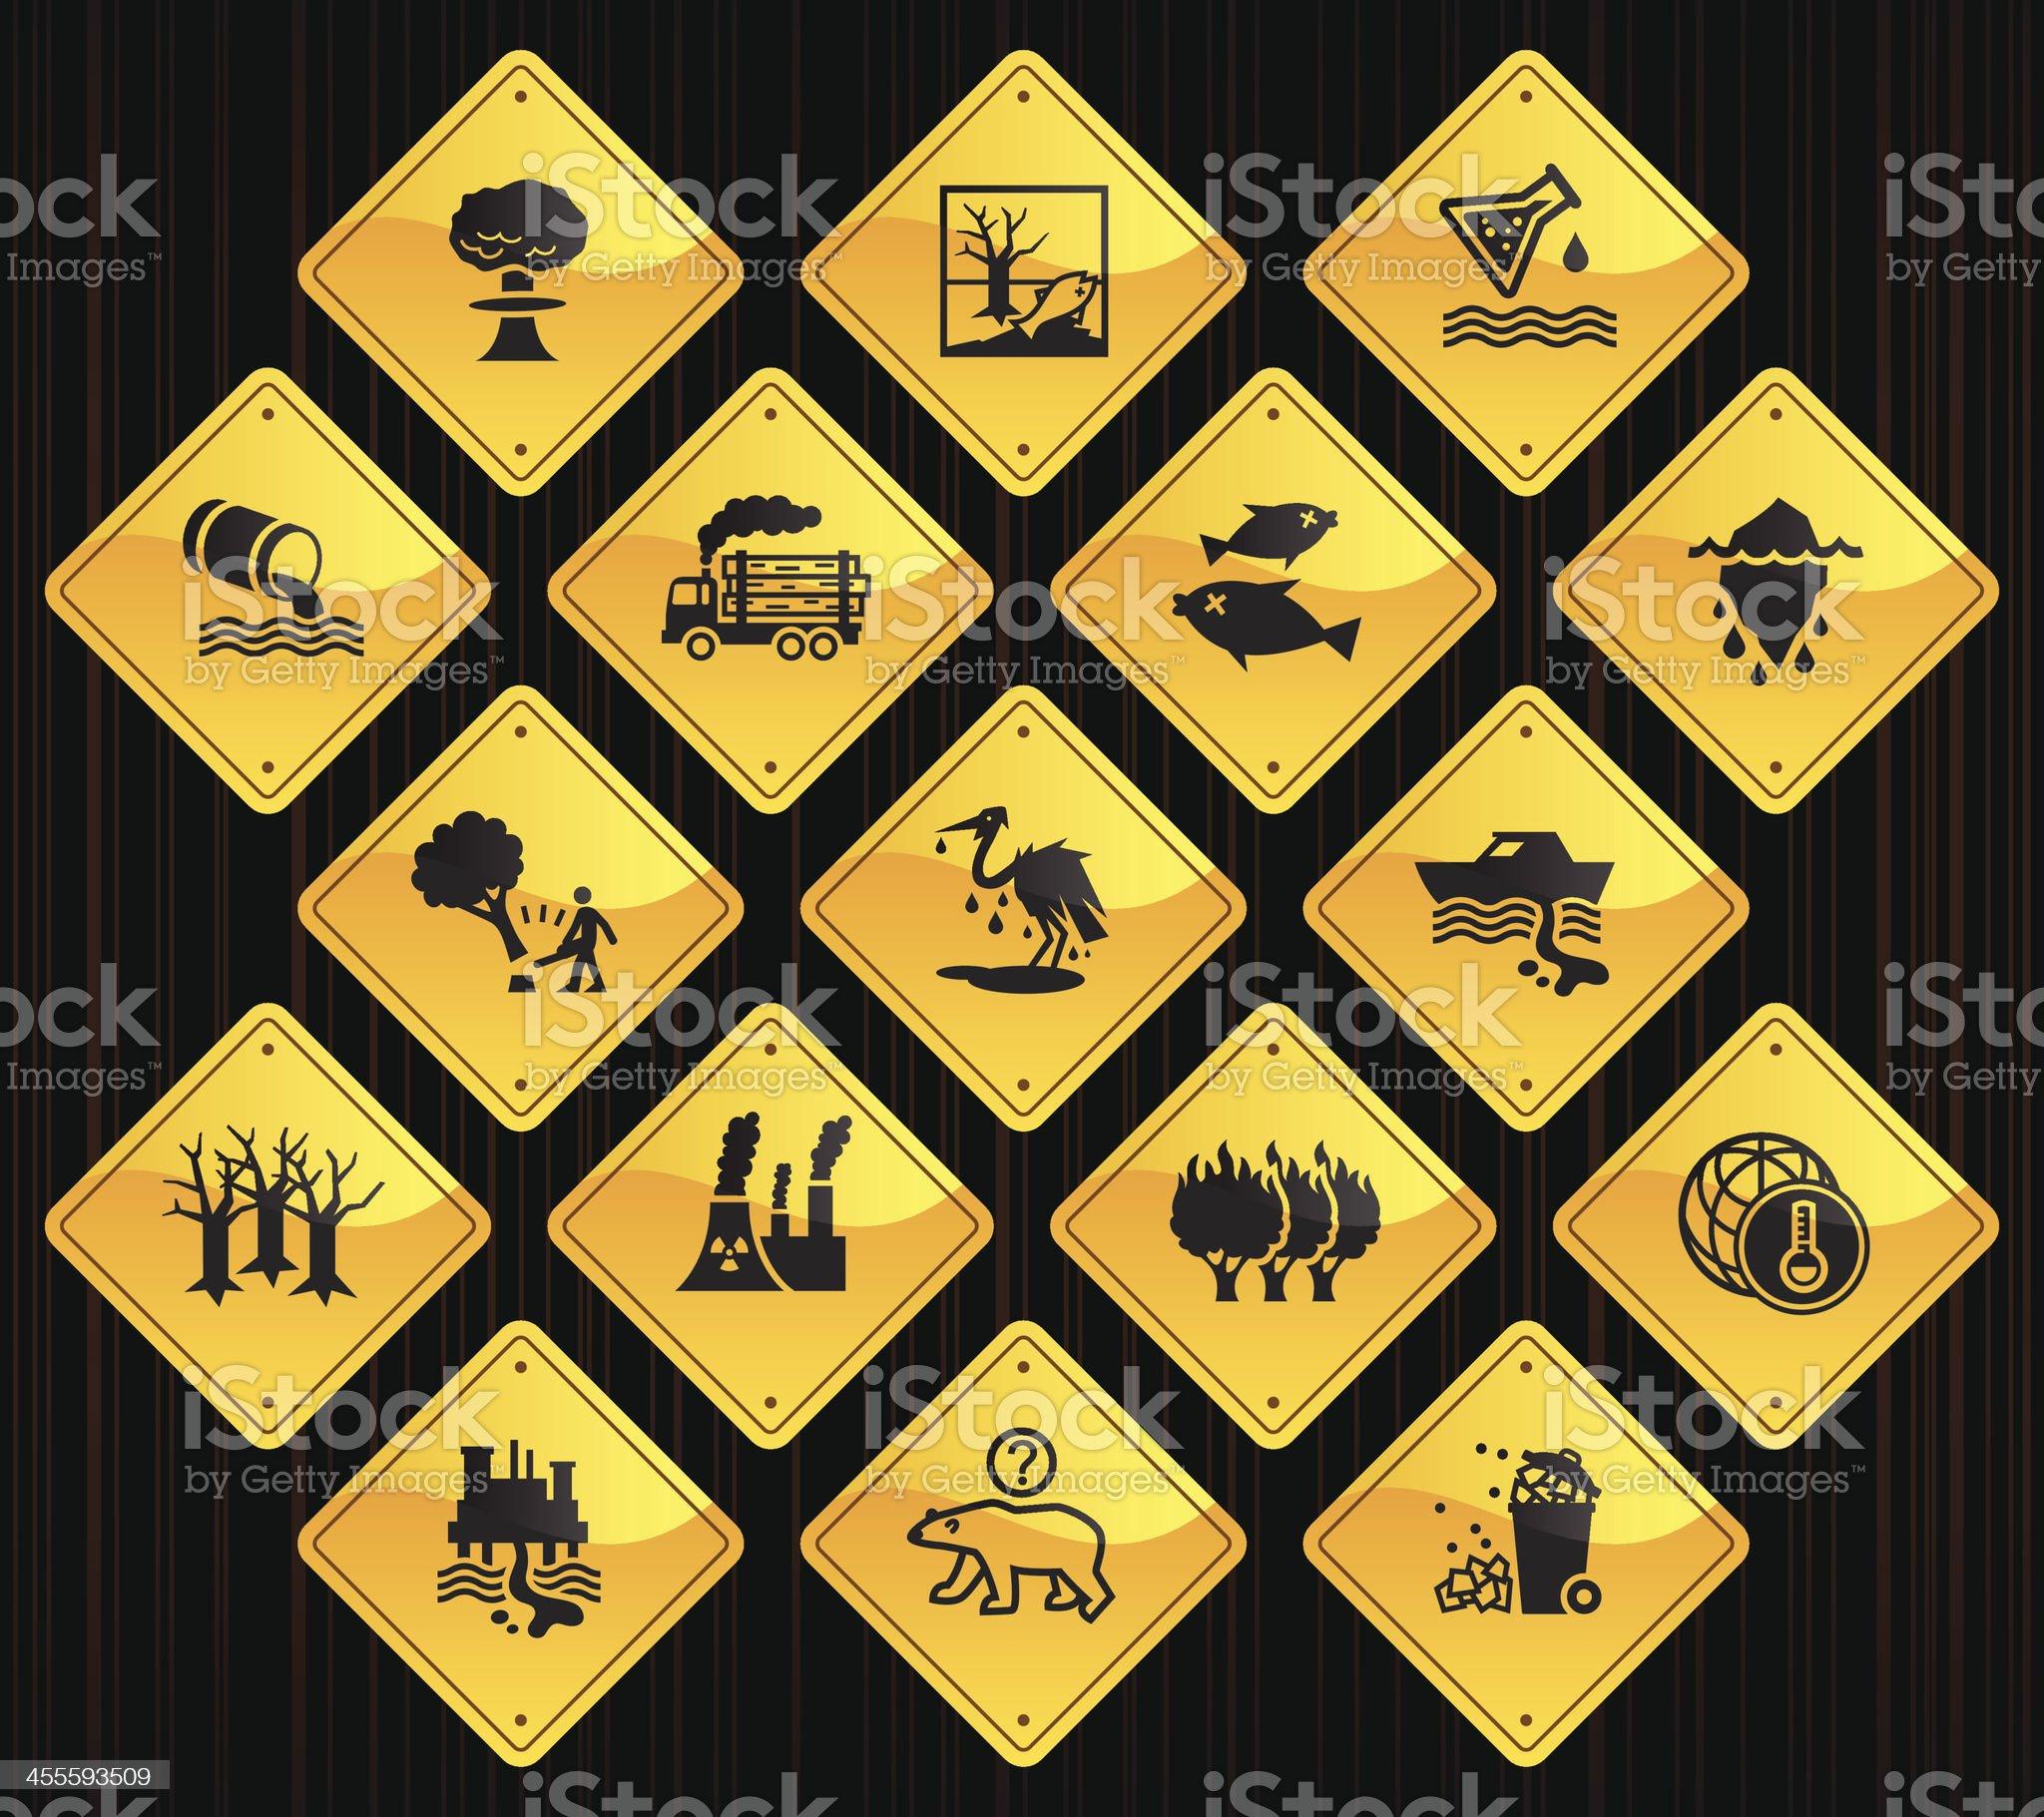 Yellow Road Signs - Environmental Damage royalty-free stock vector art